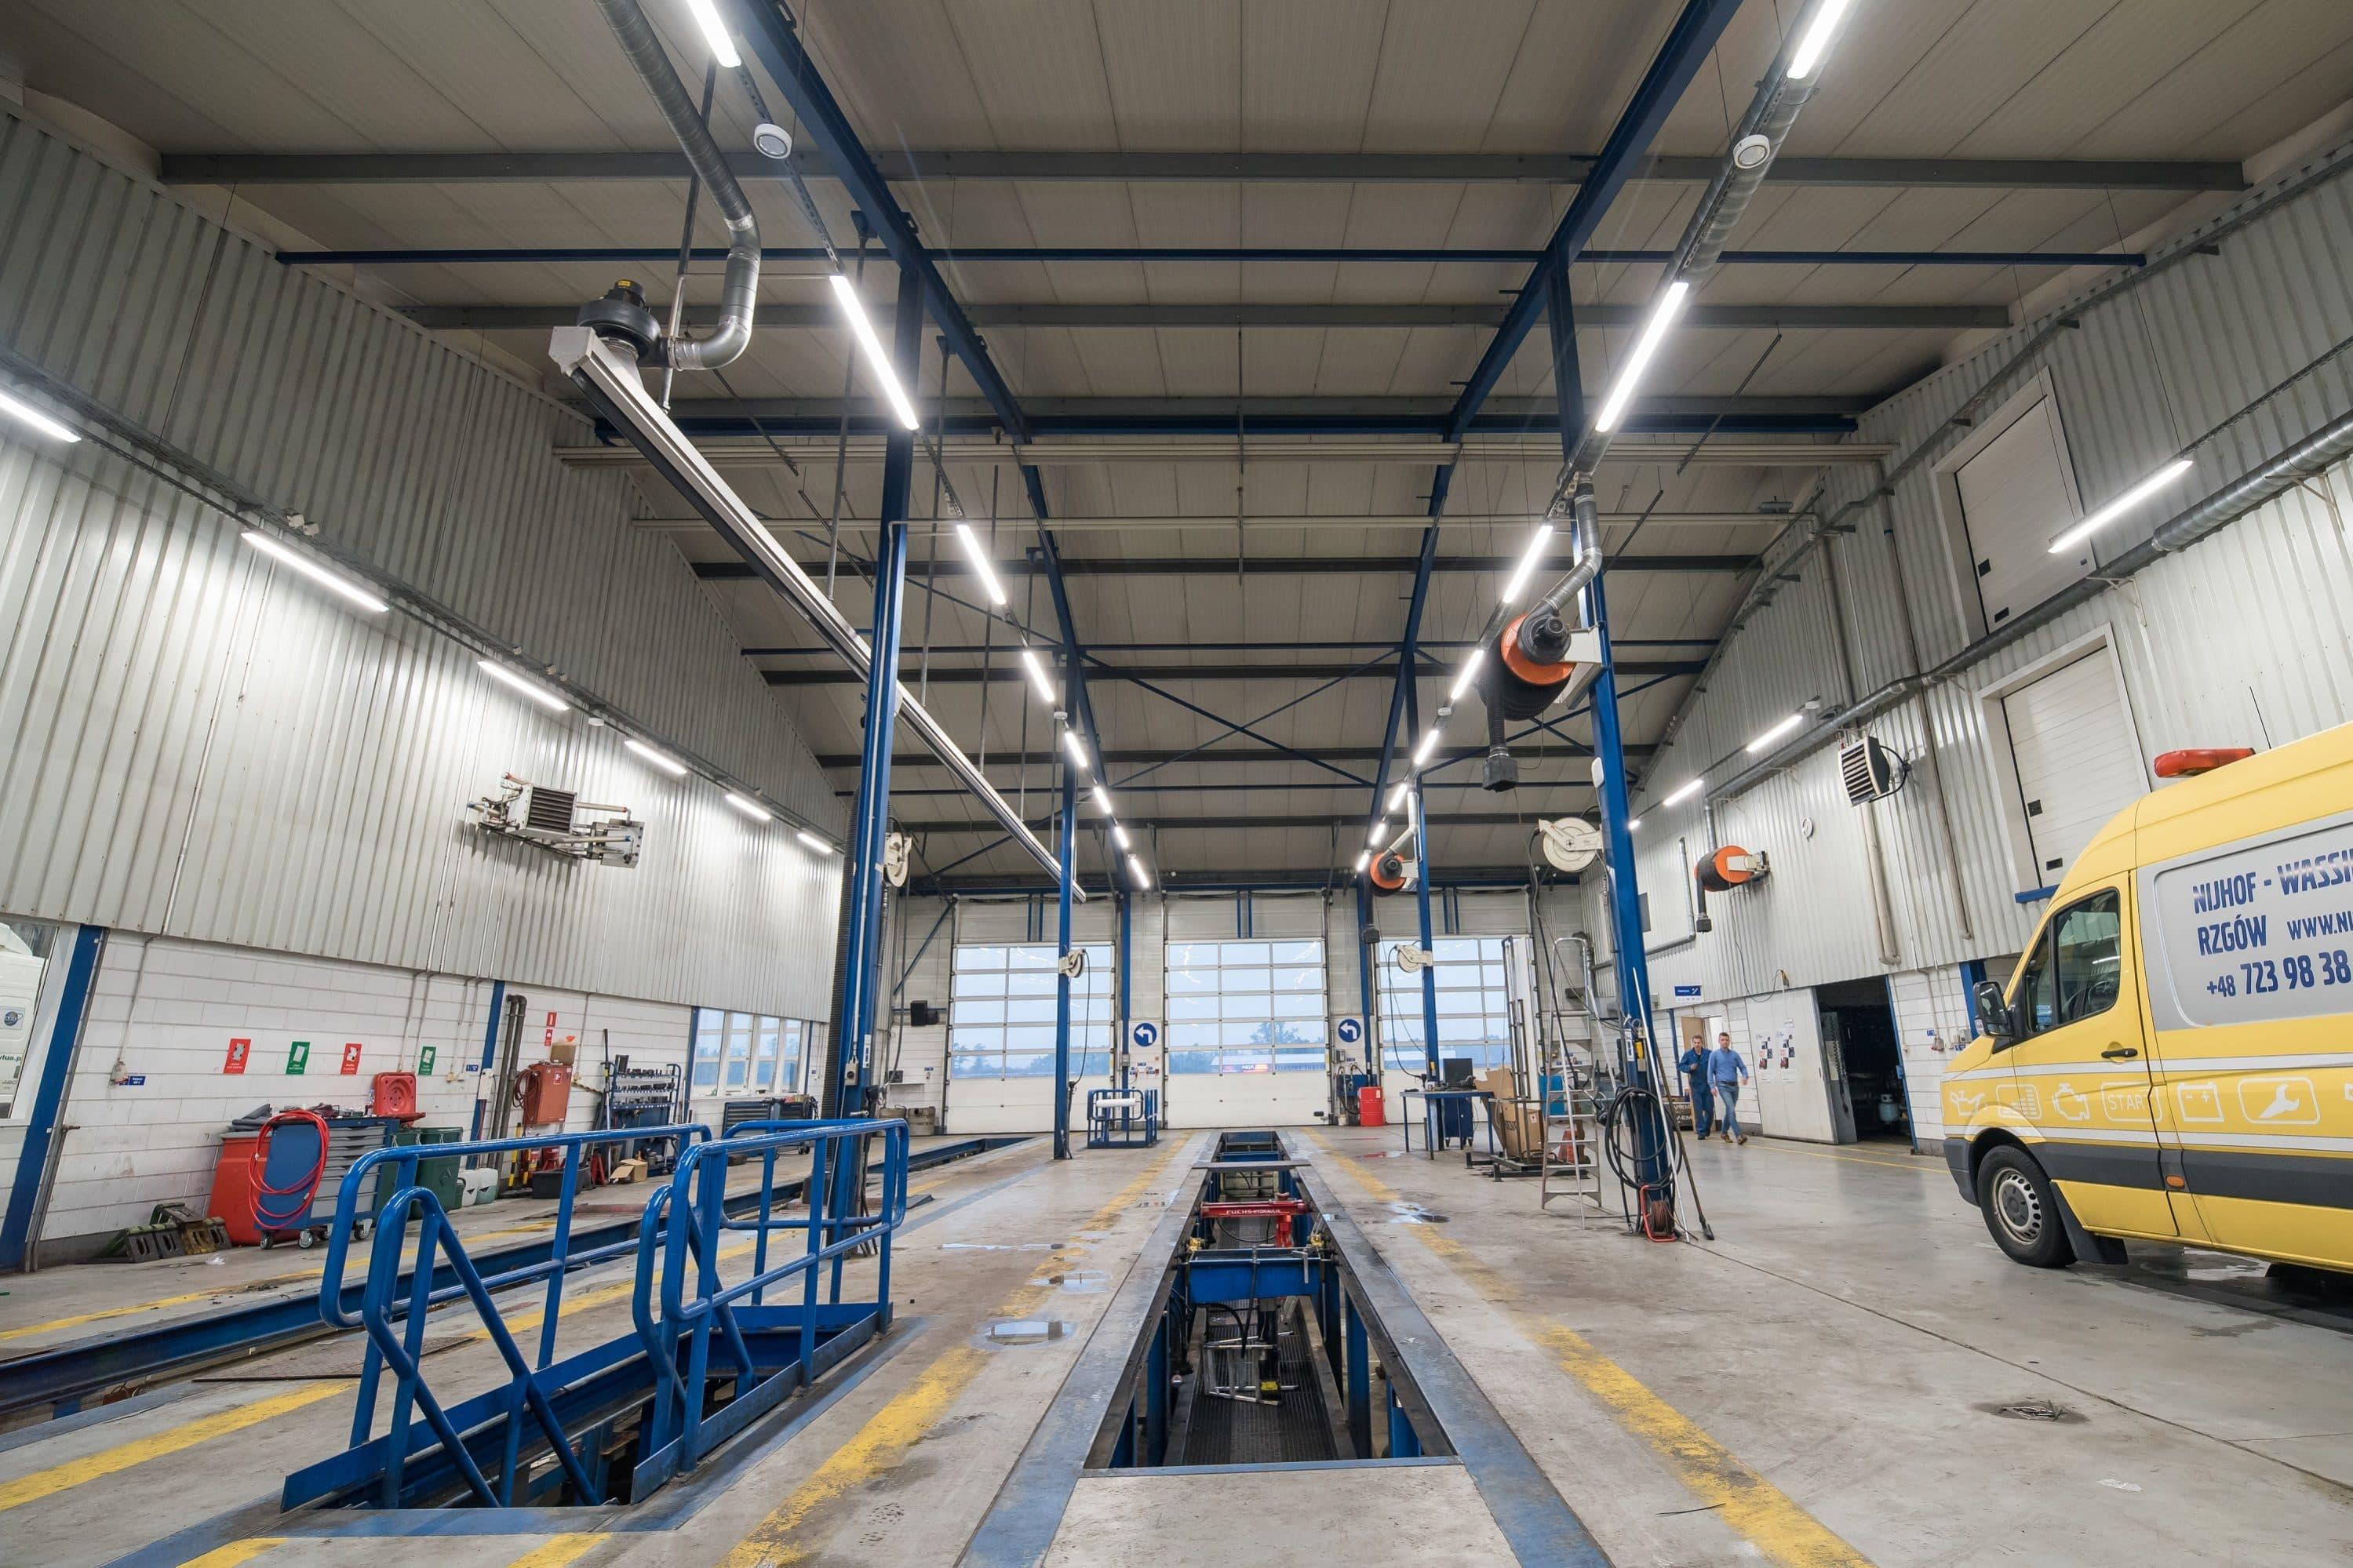 Warsztat Volvo po modernizacji oświetlenia na led - Luxon LED